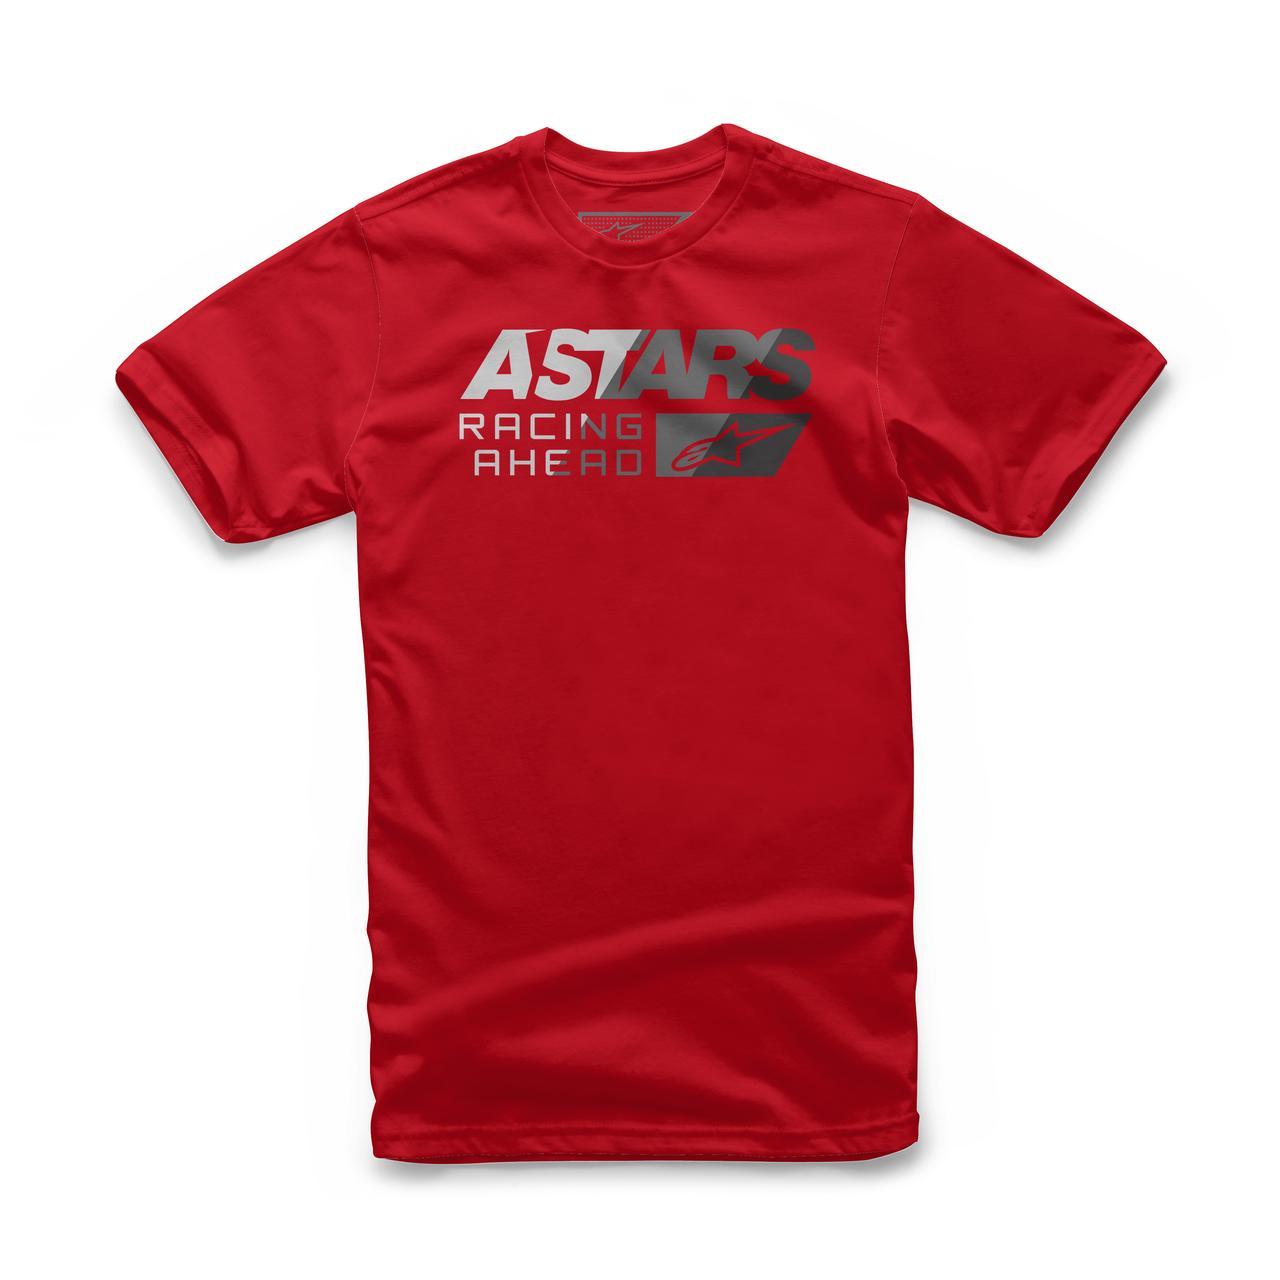 画像12: こんなにあったら選べない!? アルパインスターズの新作〈Tシャツ〉コレクション、あなたはどのデザインが好み?